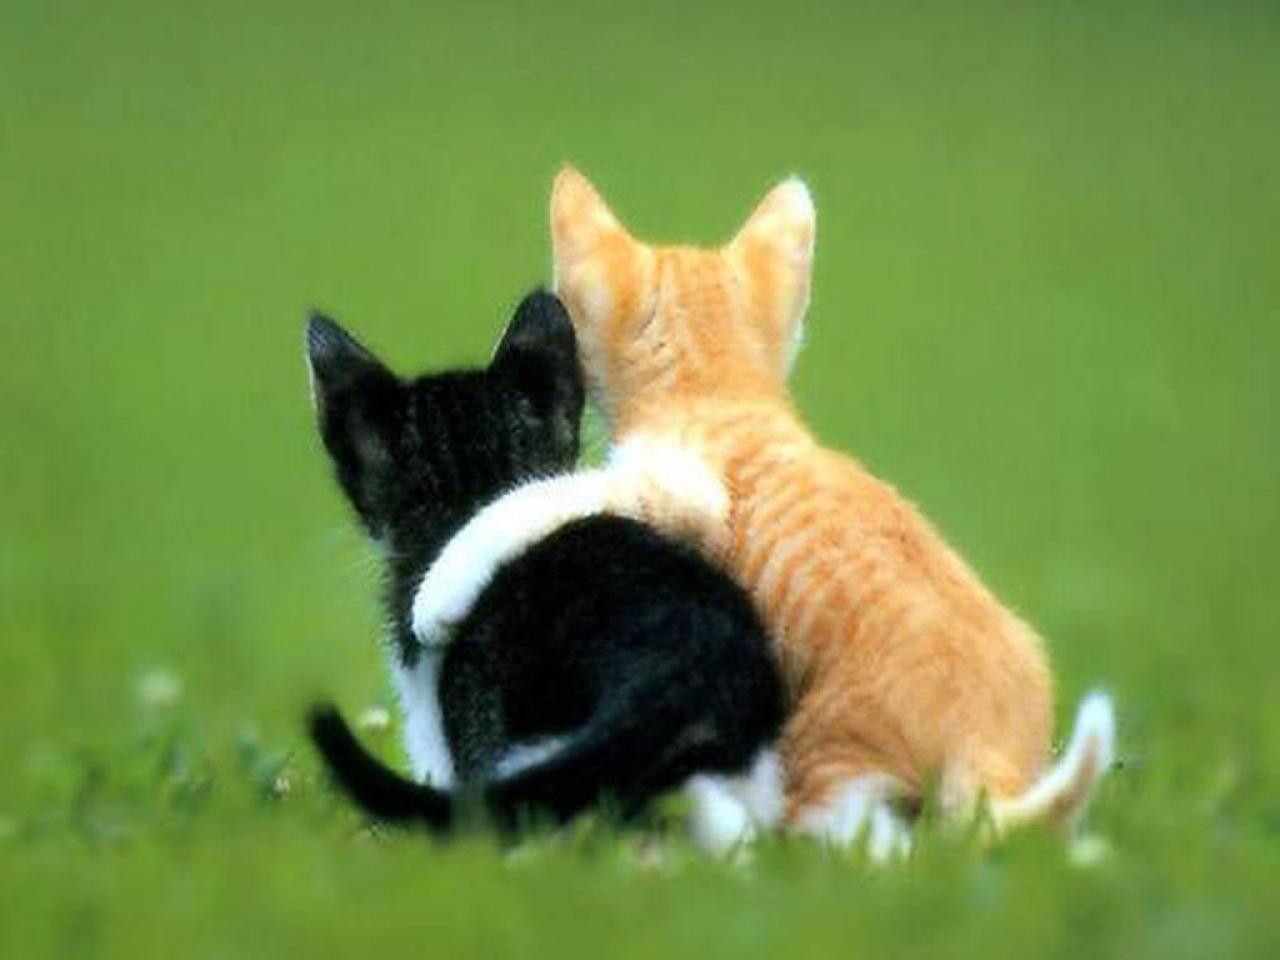 Jpeg 421kb Download 1001 Gambar Foto Kucing Lucu Bergerak